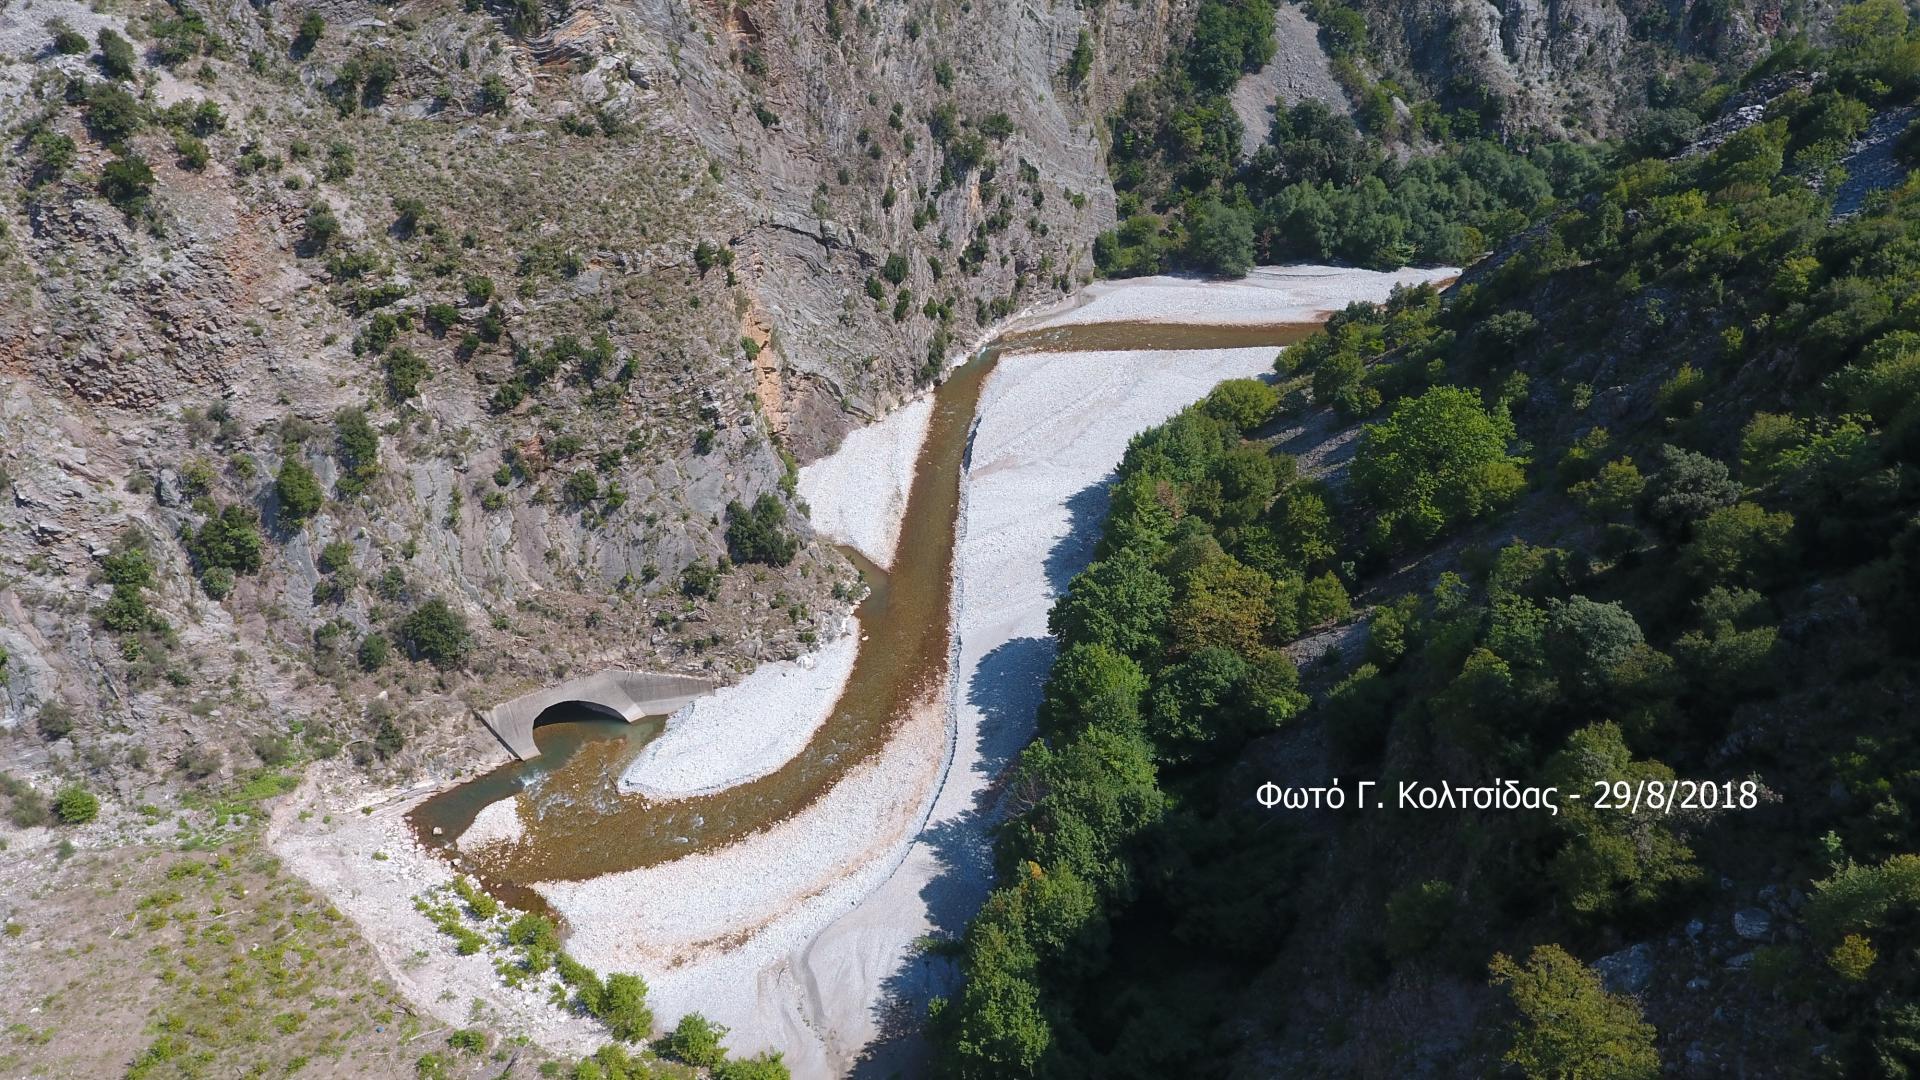 Κουμπουργιανίτης - Παραπόταμος Αχελώου